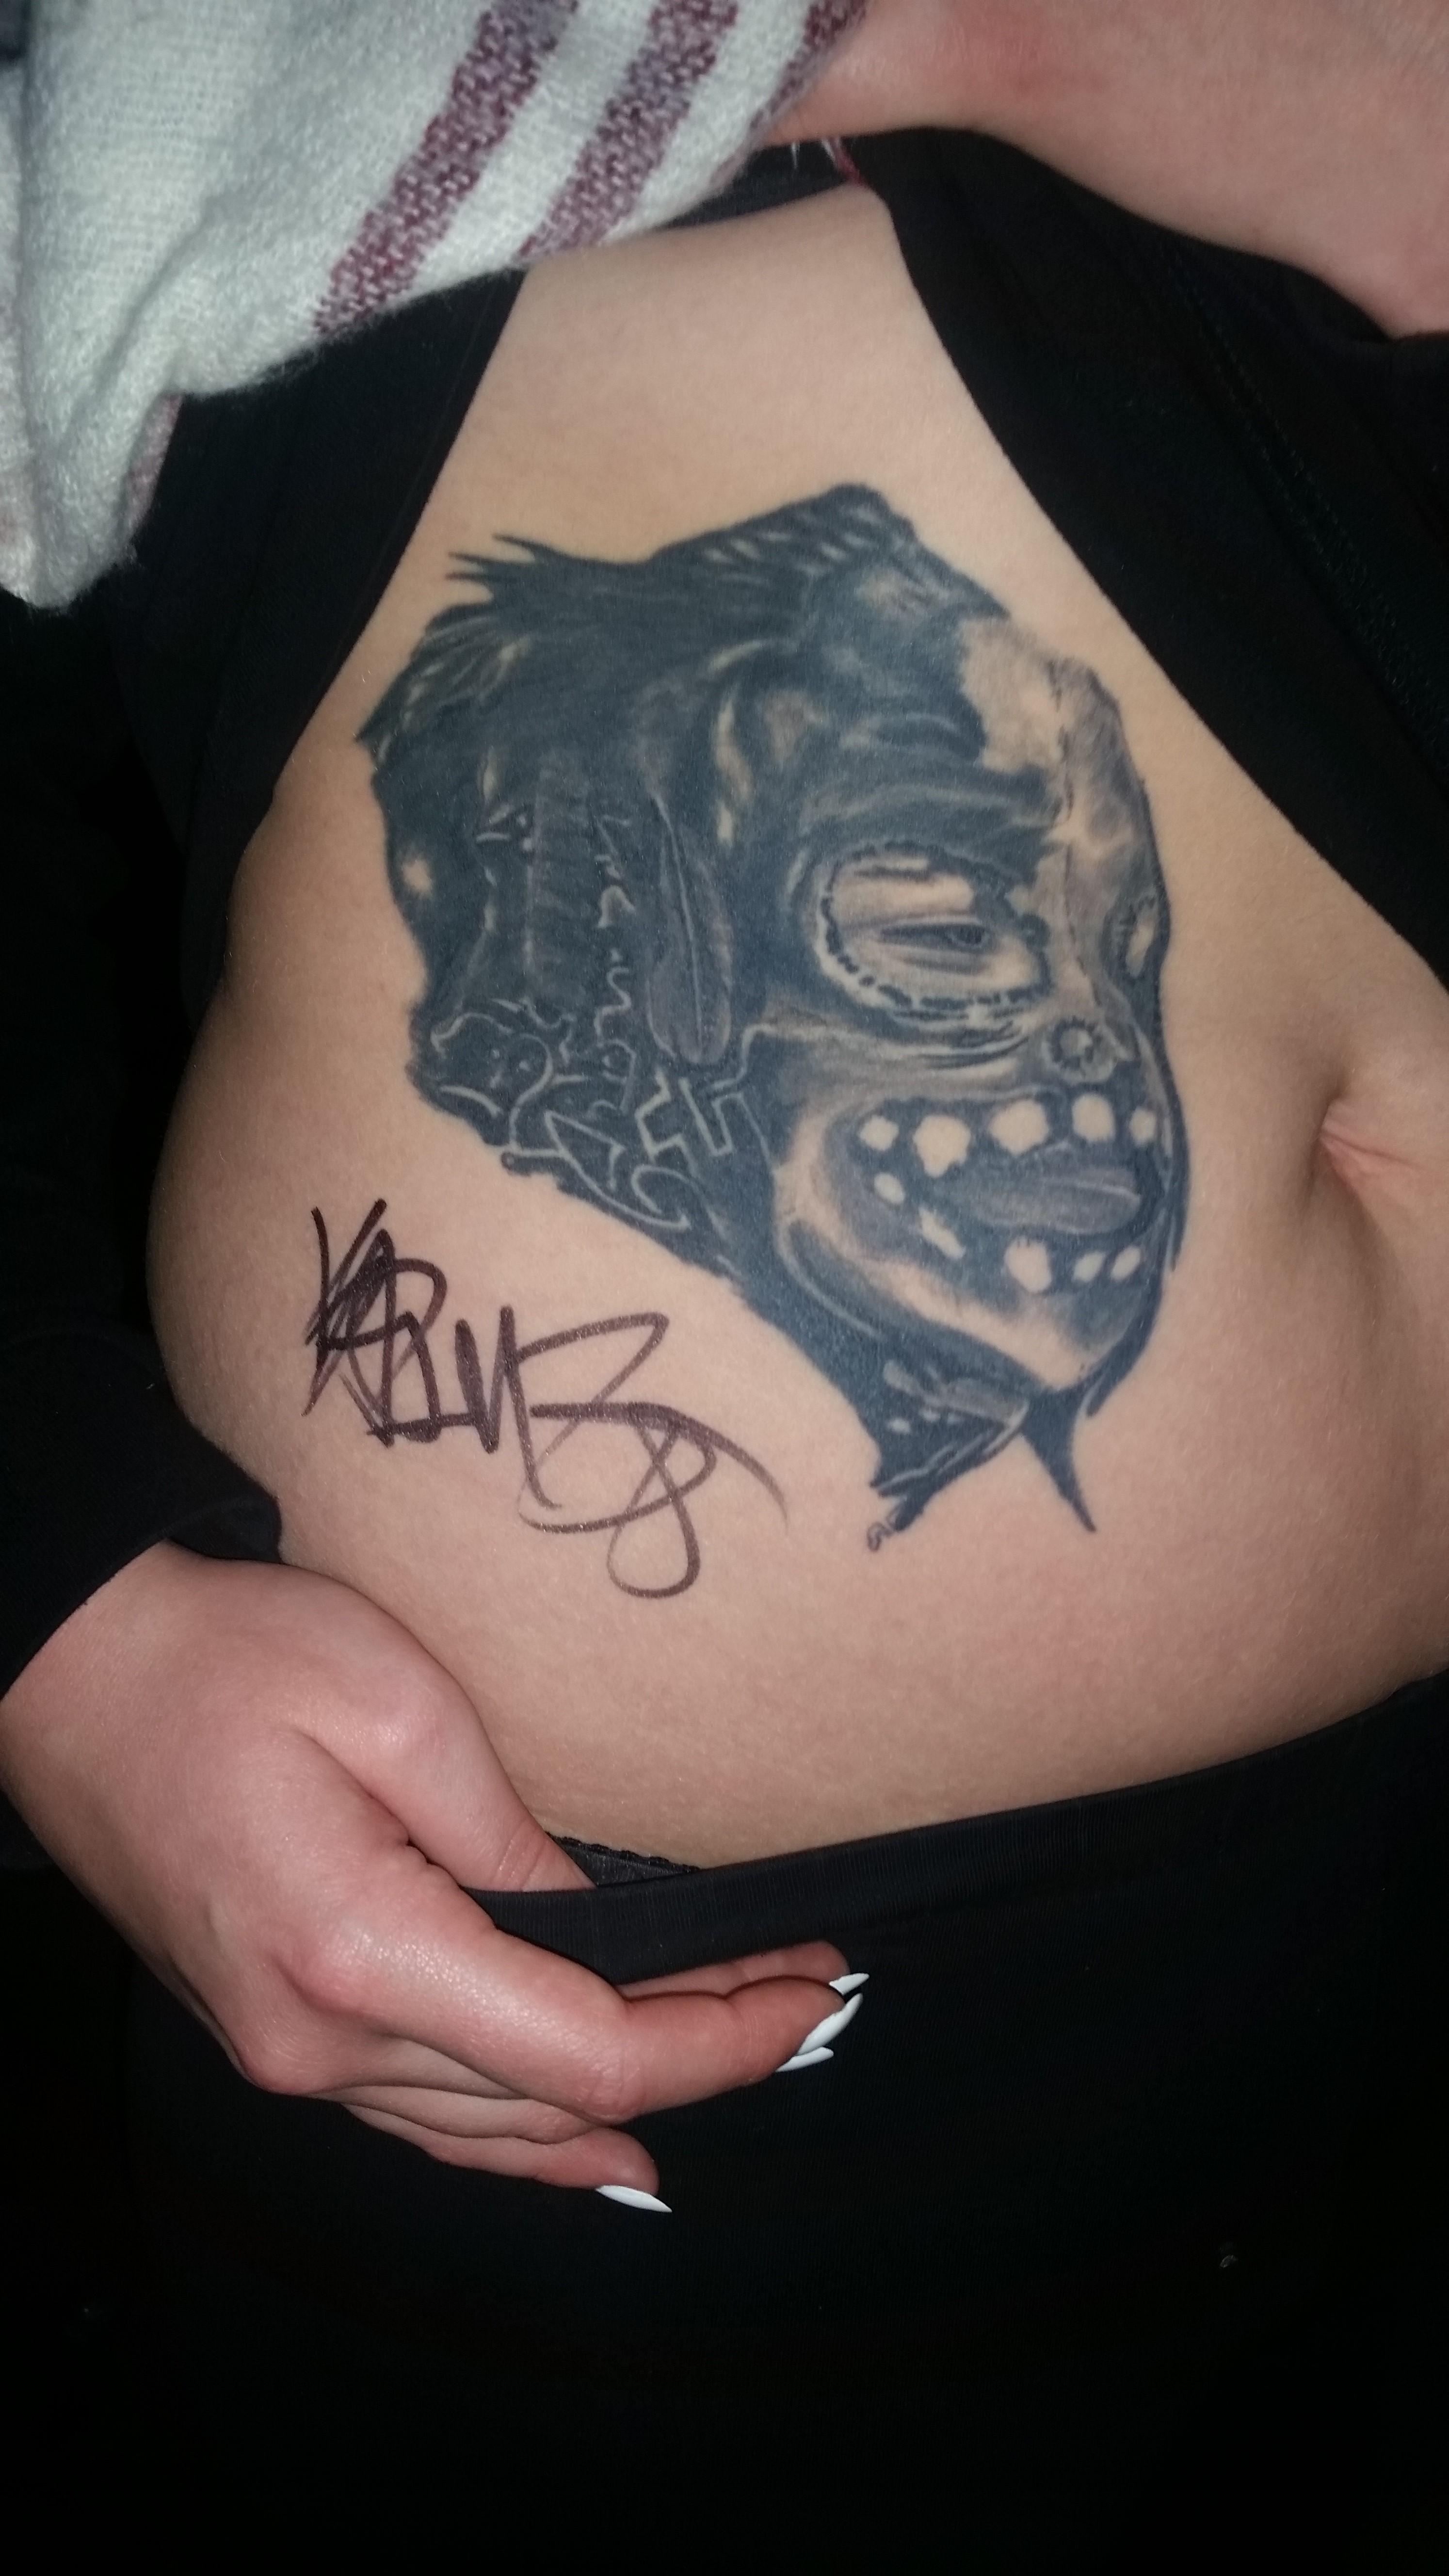 Das geht unter die Haut: Deutschrapfans stellen ihre Tattoos vor ... - Kontra K Tattoos